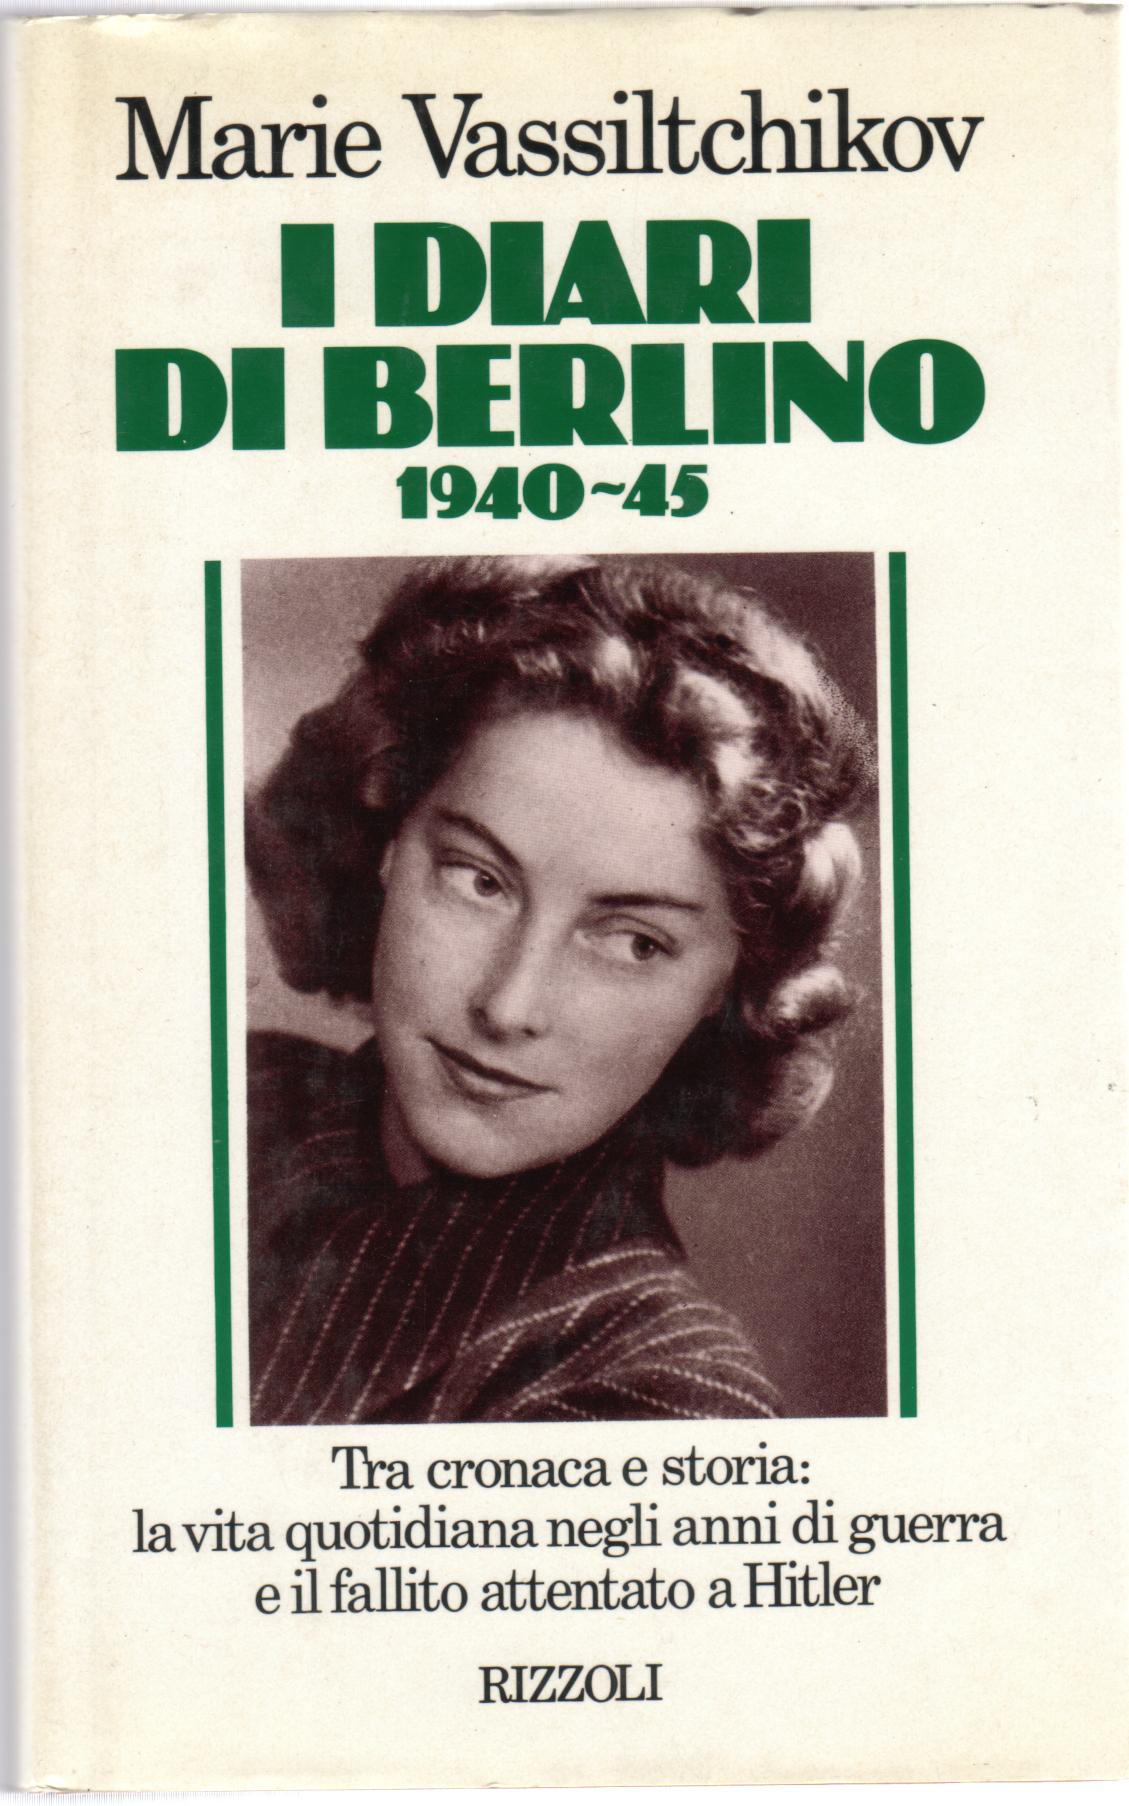 Diari di Berlino (1940-45)